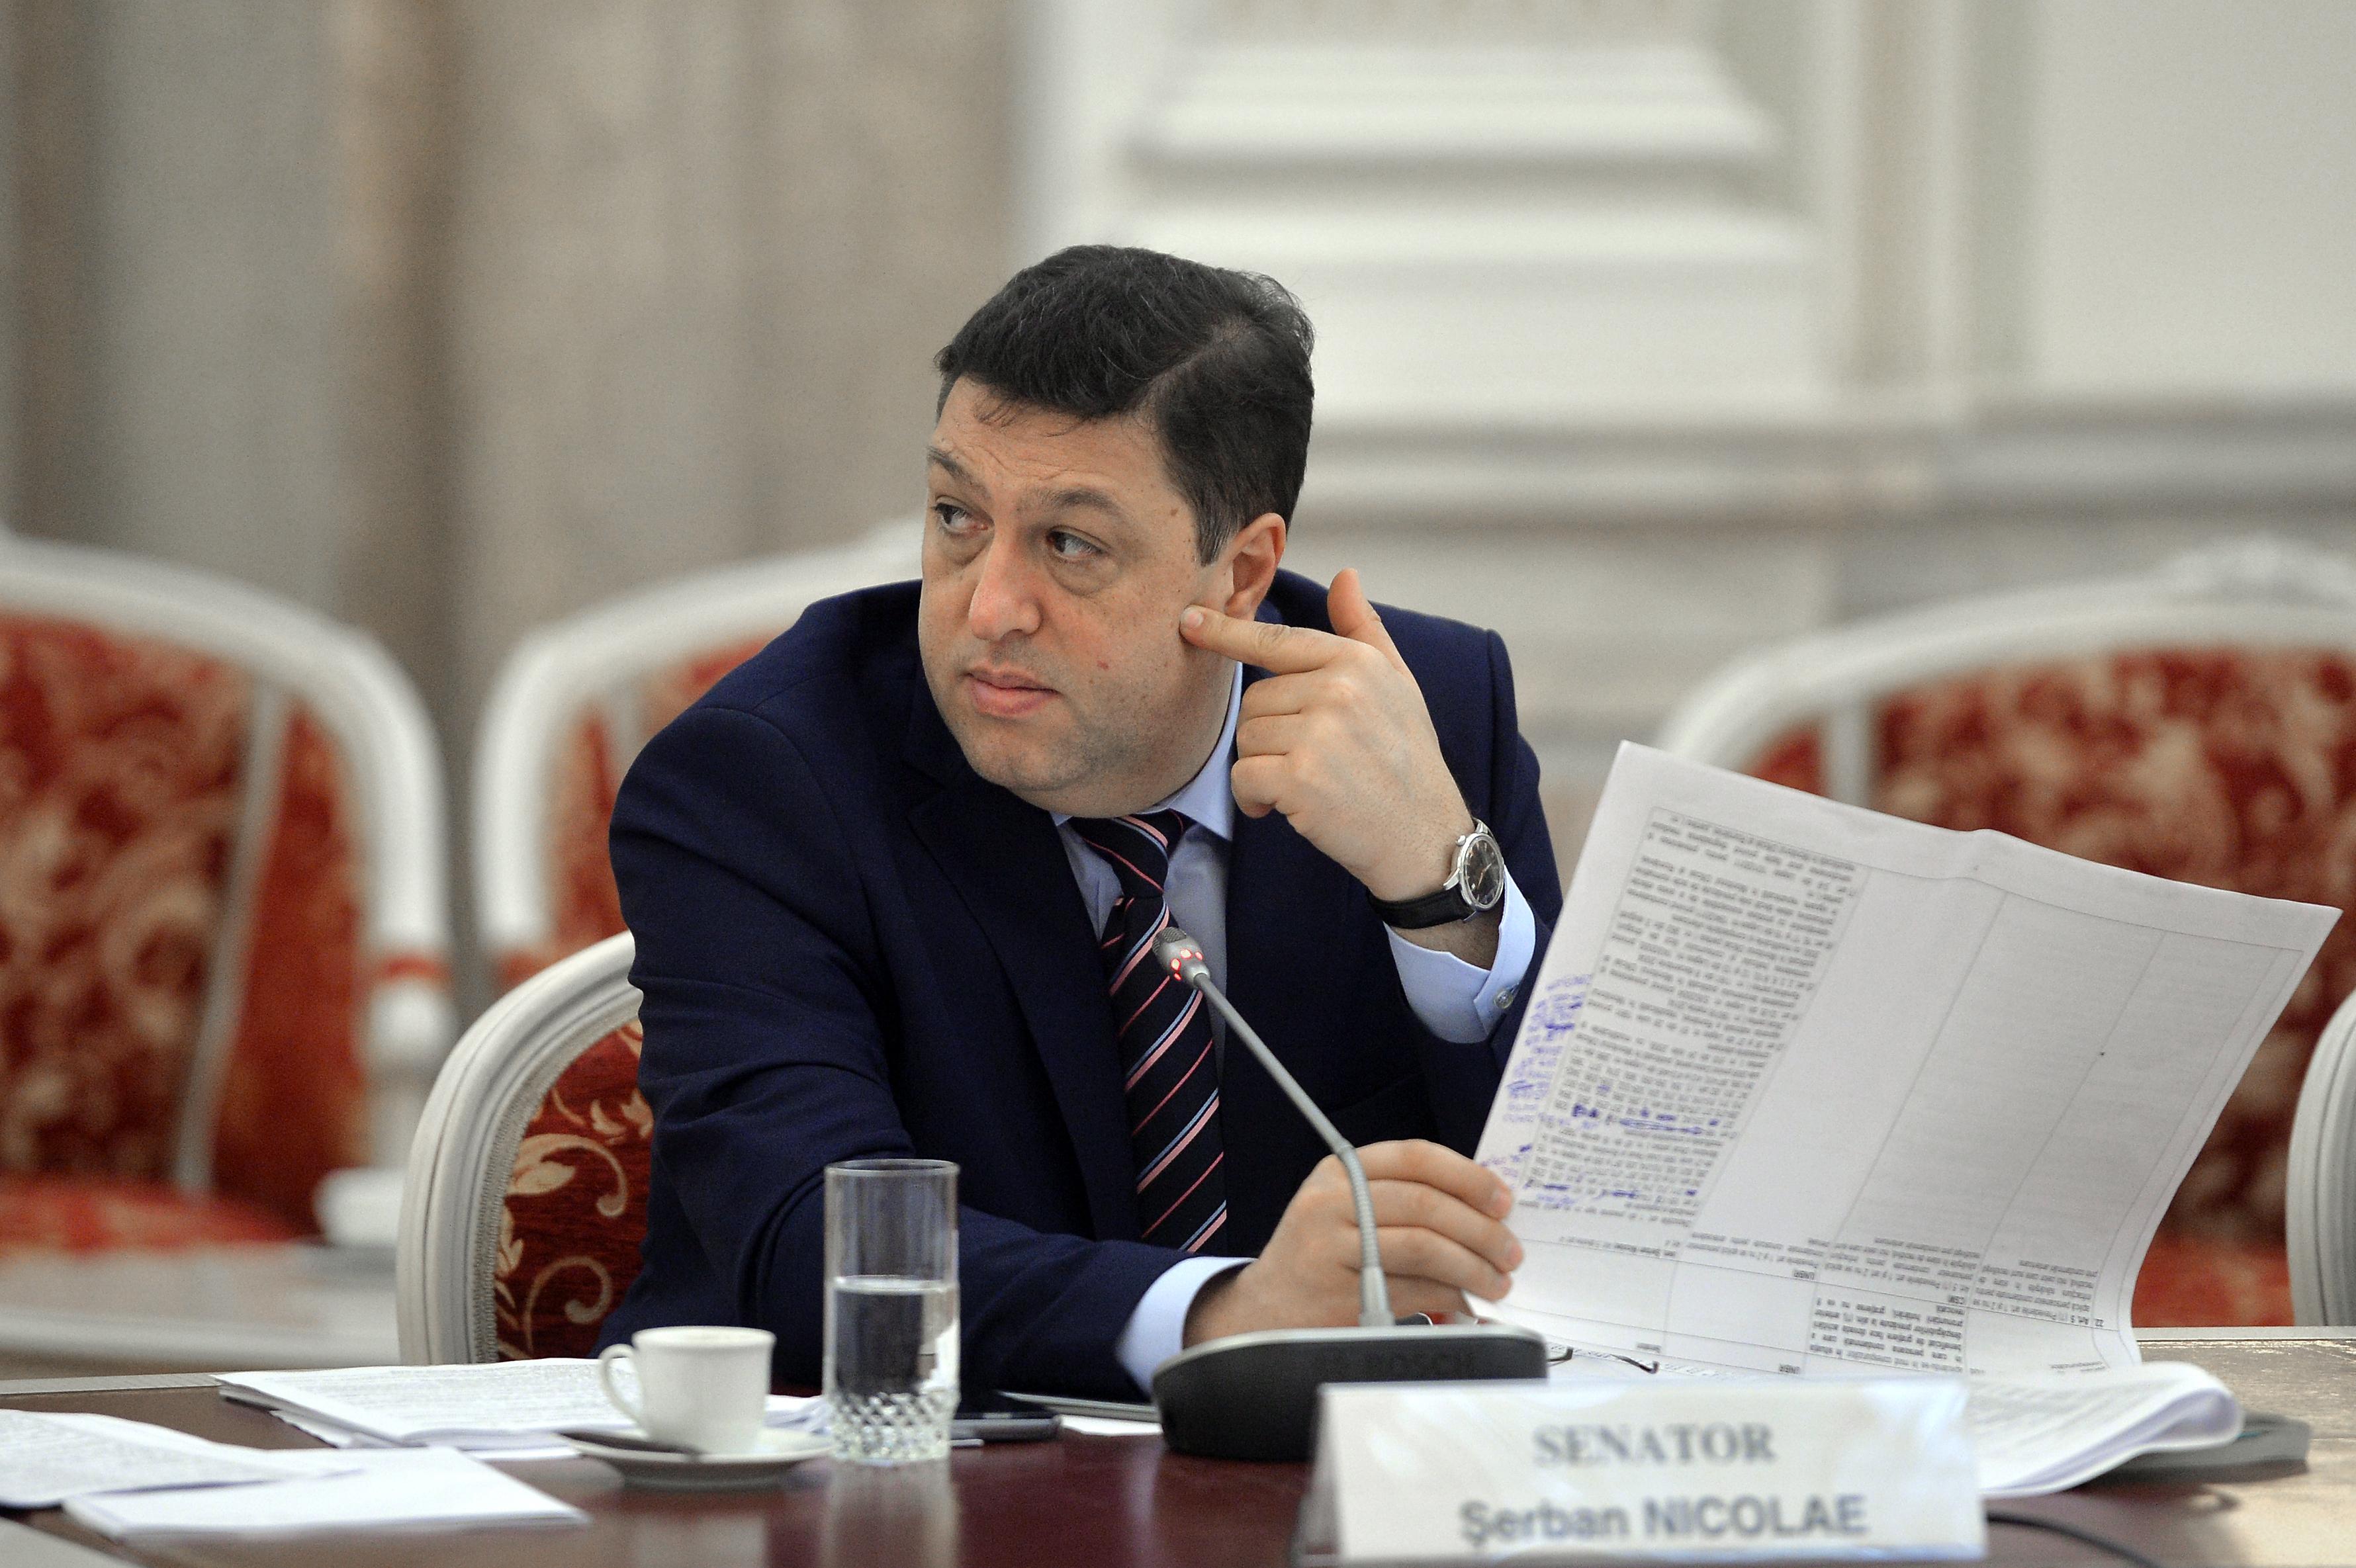 Tudorel Toader, Codruţa Kovesi, Eduard Hellvig, chemaţi la audieri în Comisia de anchetă privind arhiva SIPA. Cine se mai află pe lista parlamentarilor